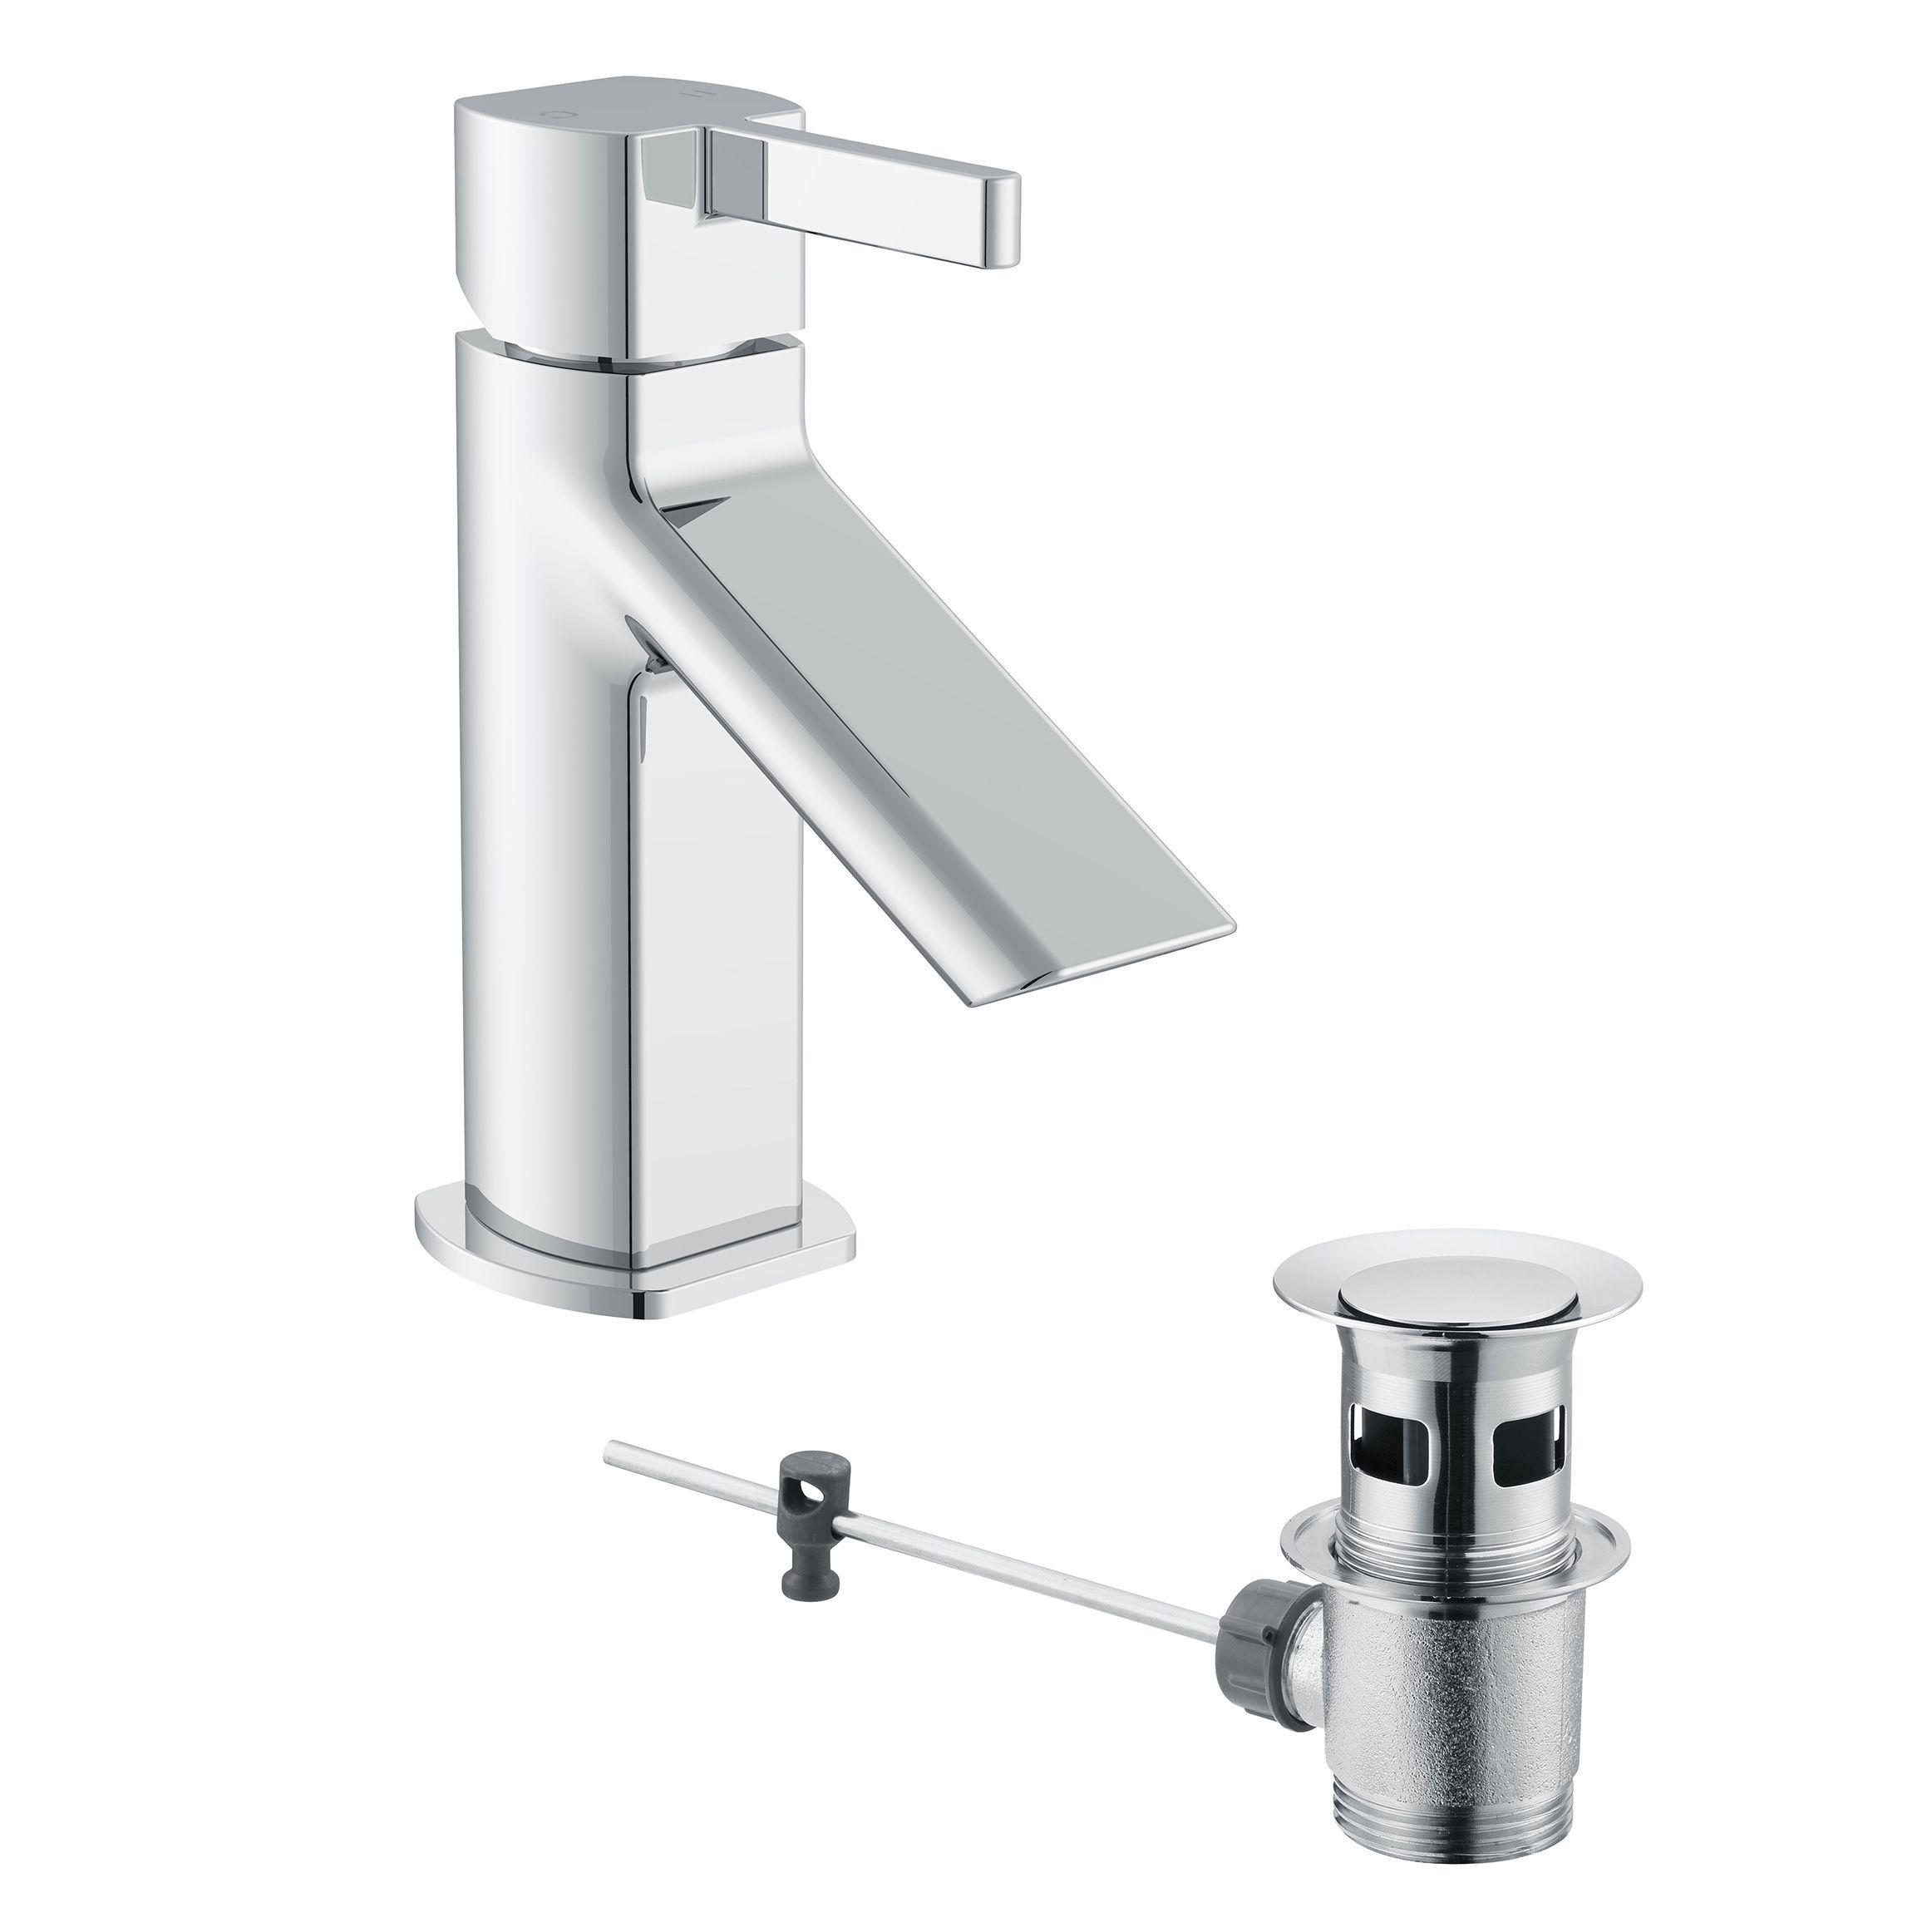 Cooke & Lewis Airlie 1 Lever Basin mixer tap | Basin mixer, Mixer ...